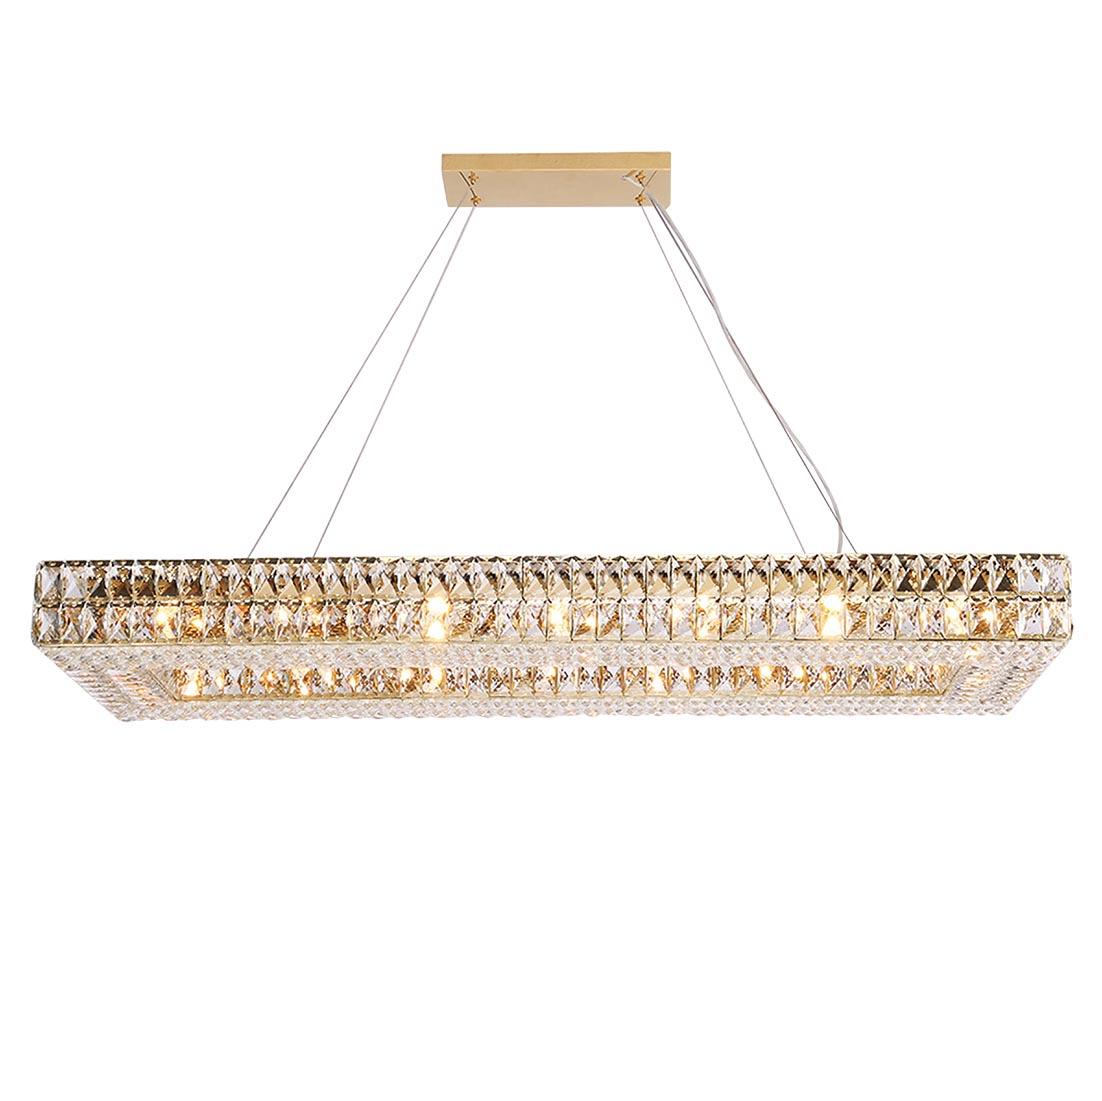 Светильник Newport 10128+10/S Gold 10120 светильник newport 10128 10 s gold 10120